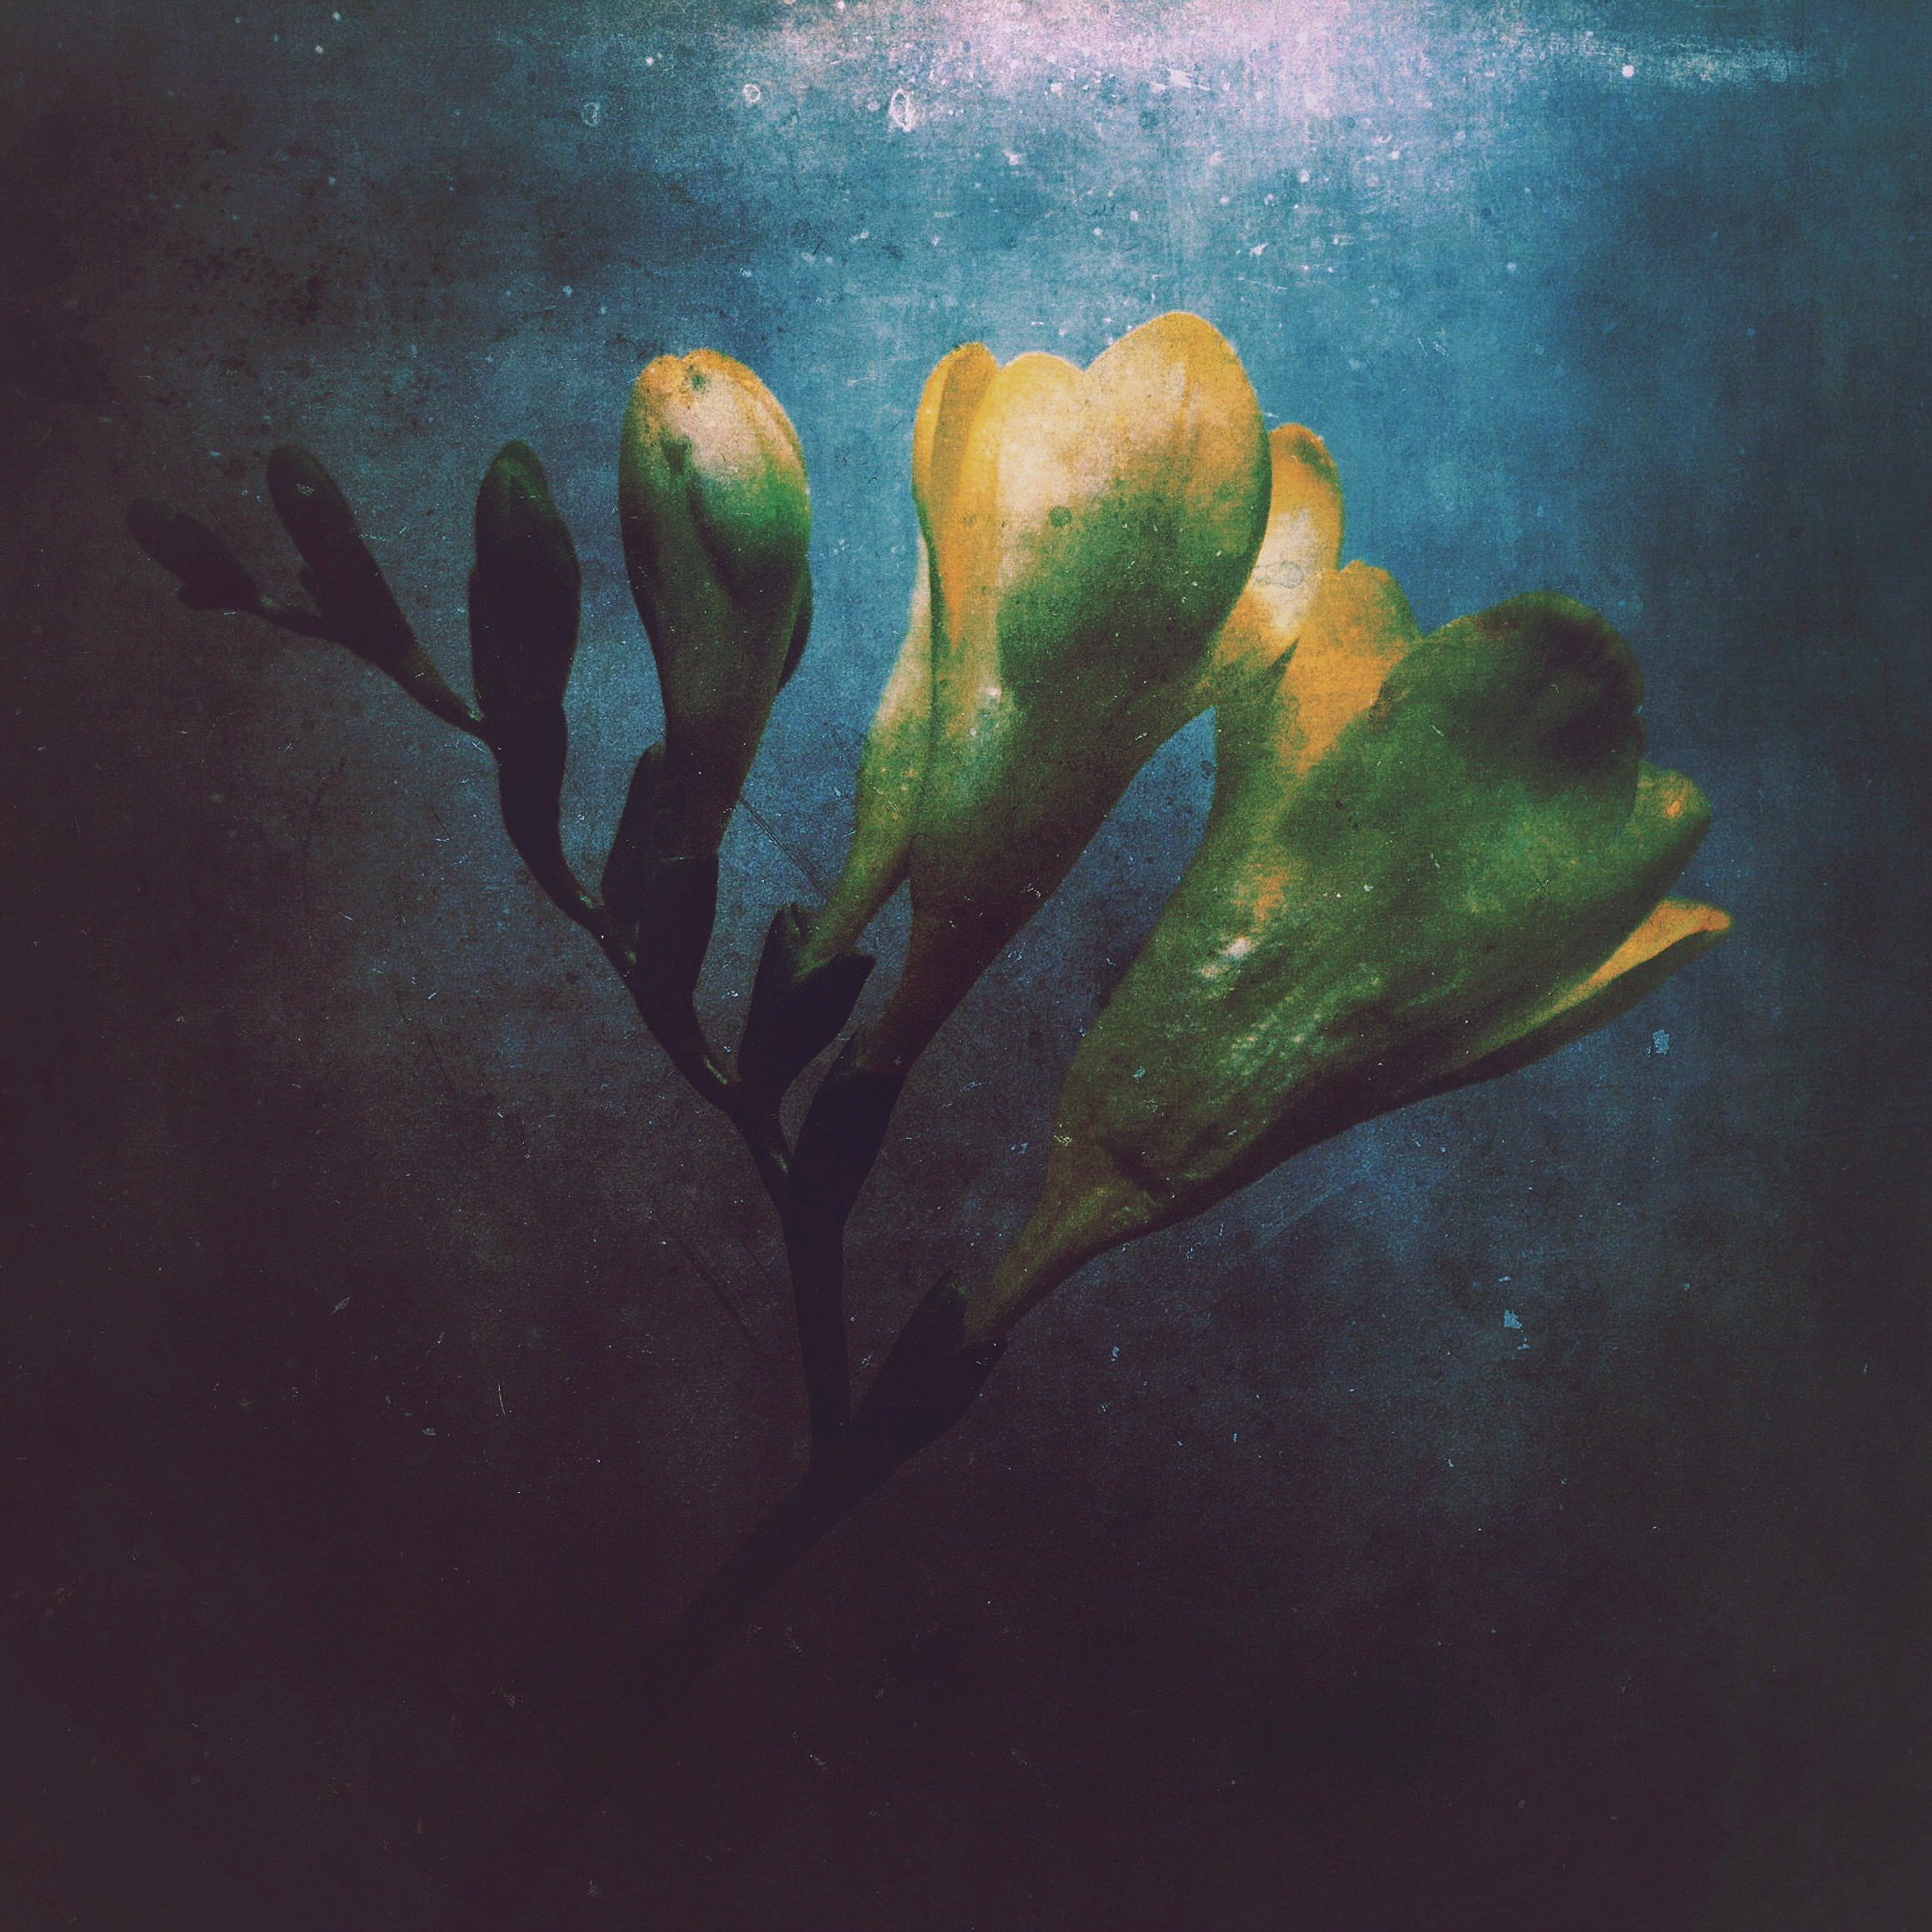 flower-IMG_7334.JPG